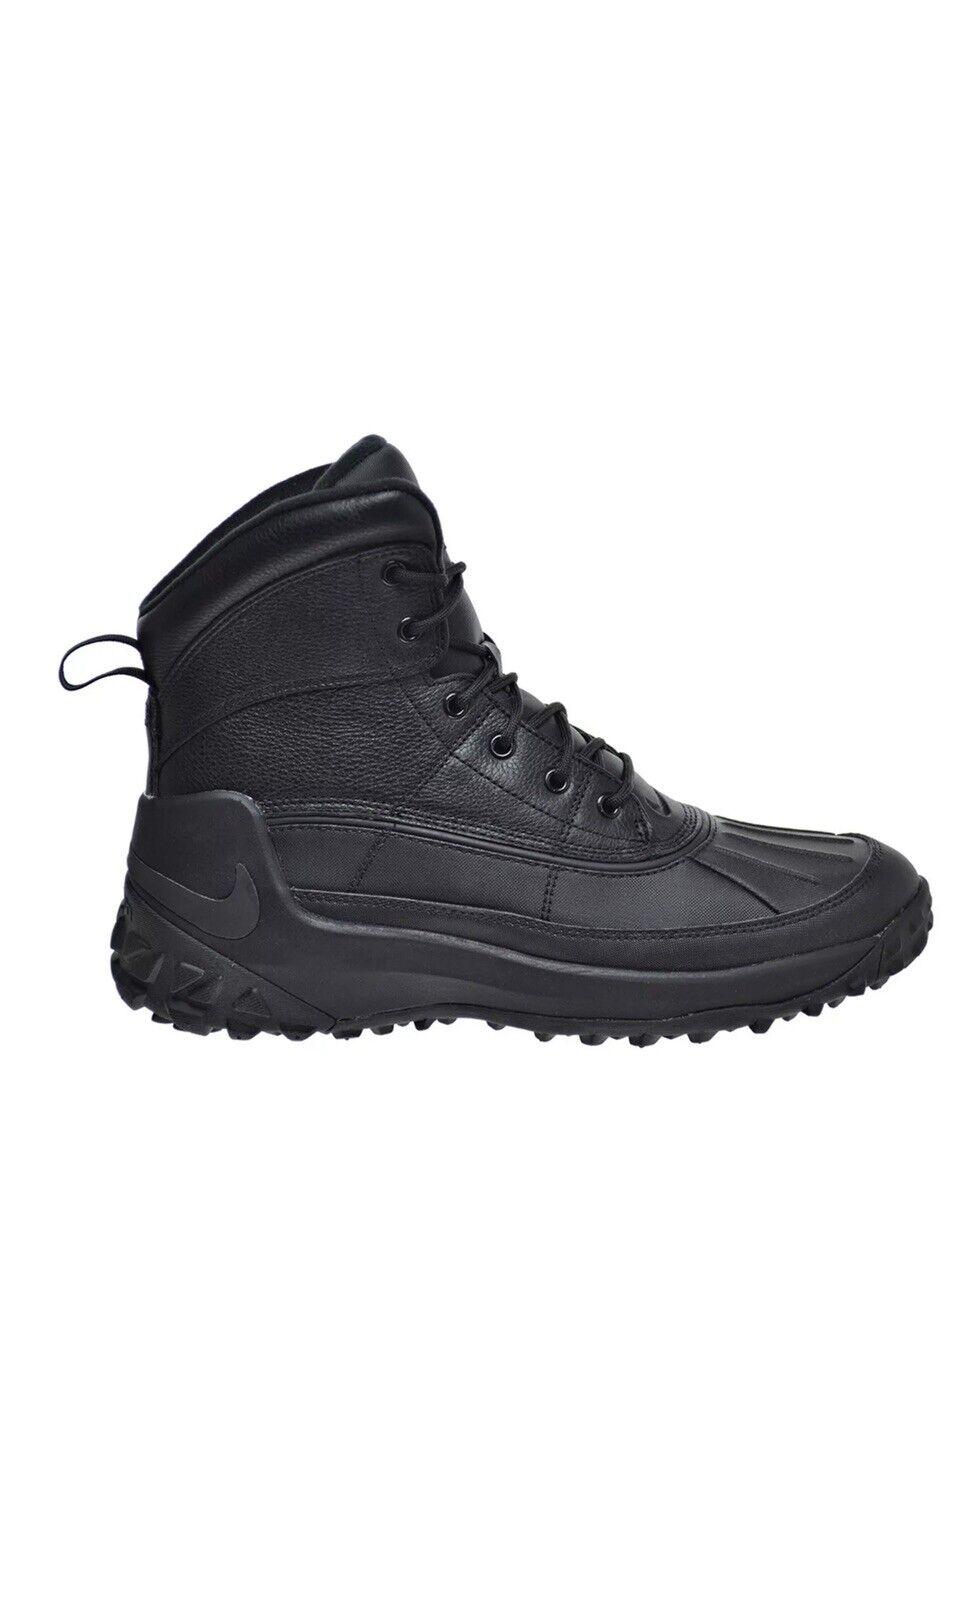 Men's Nike Kynwood Triple Black Leather Waterproof Duck Boots 862504-001 SZ 11.5